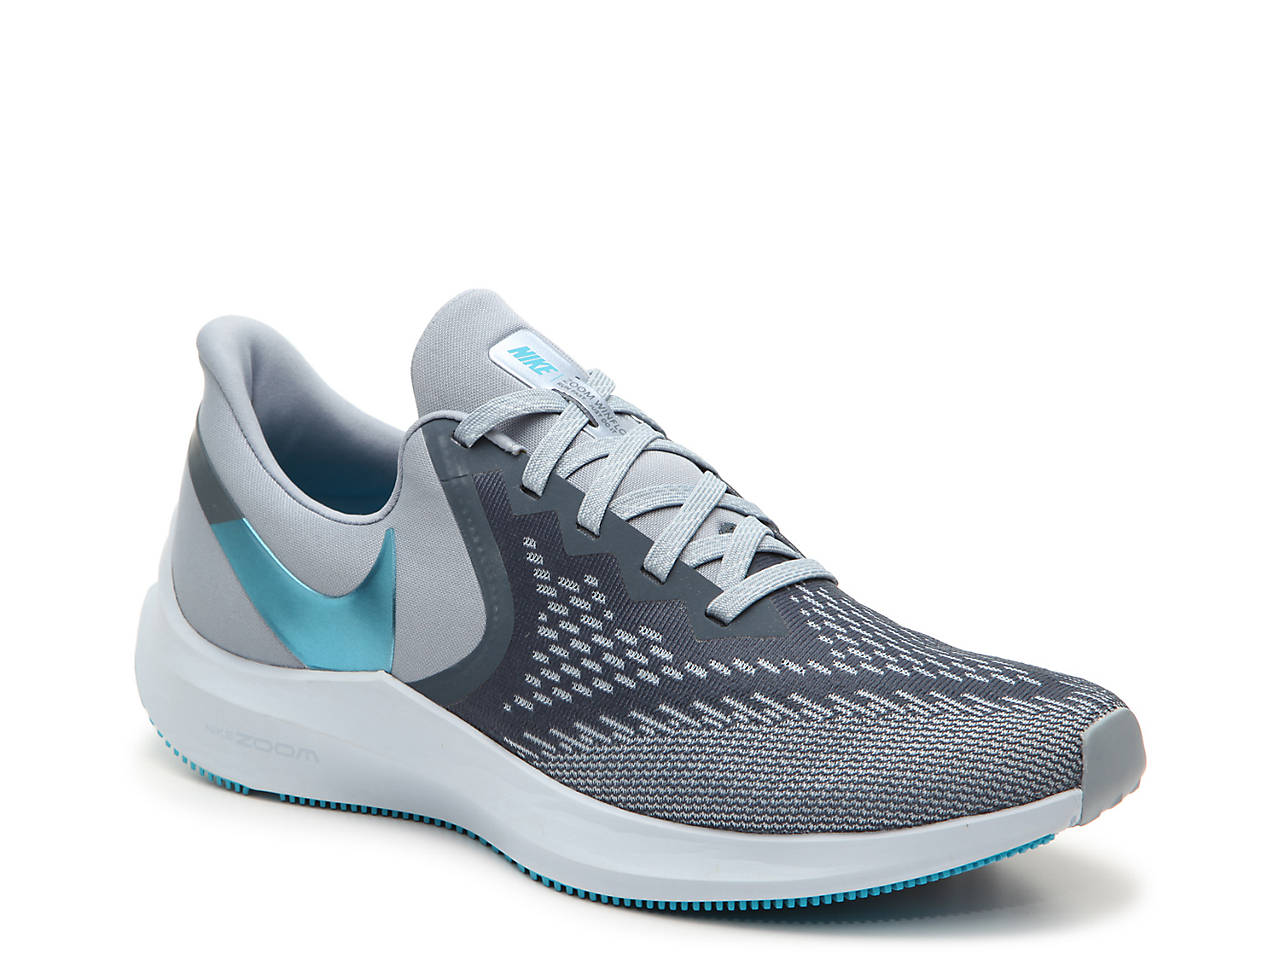 Adidas Zx Flux Plus PetsurNoiessBlacas Herren Sneaker